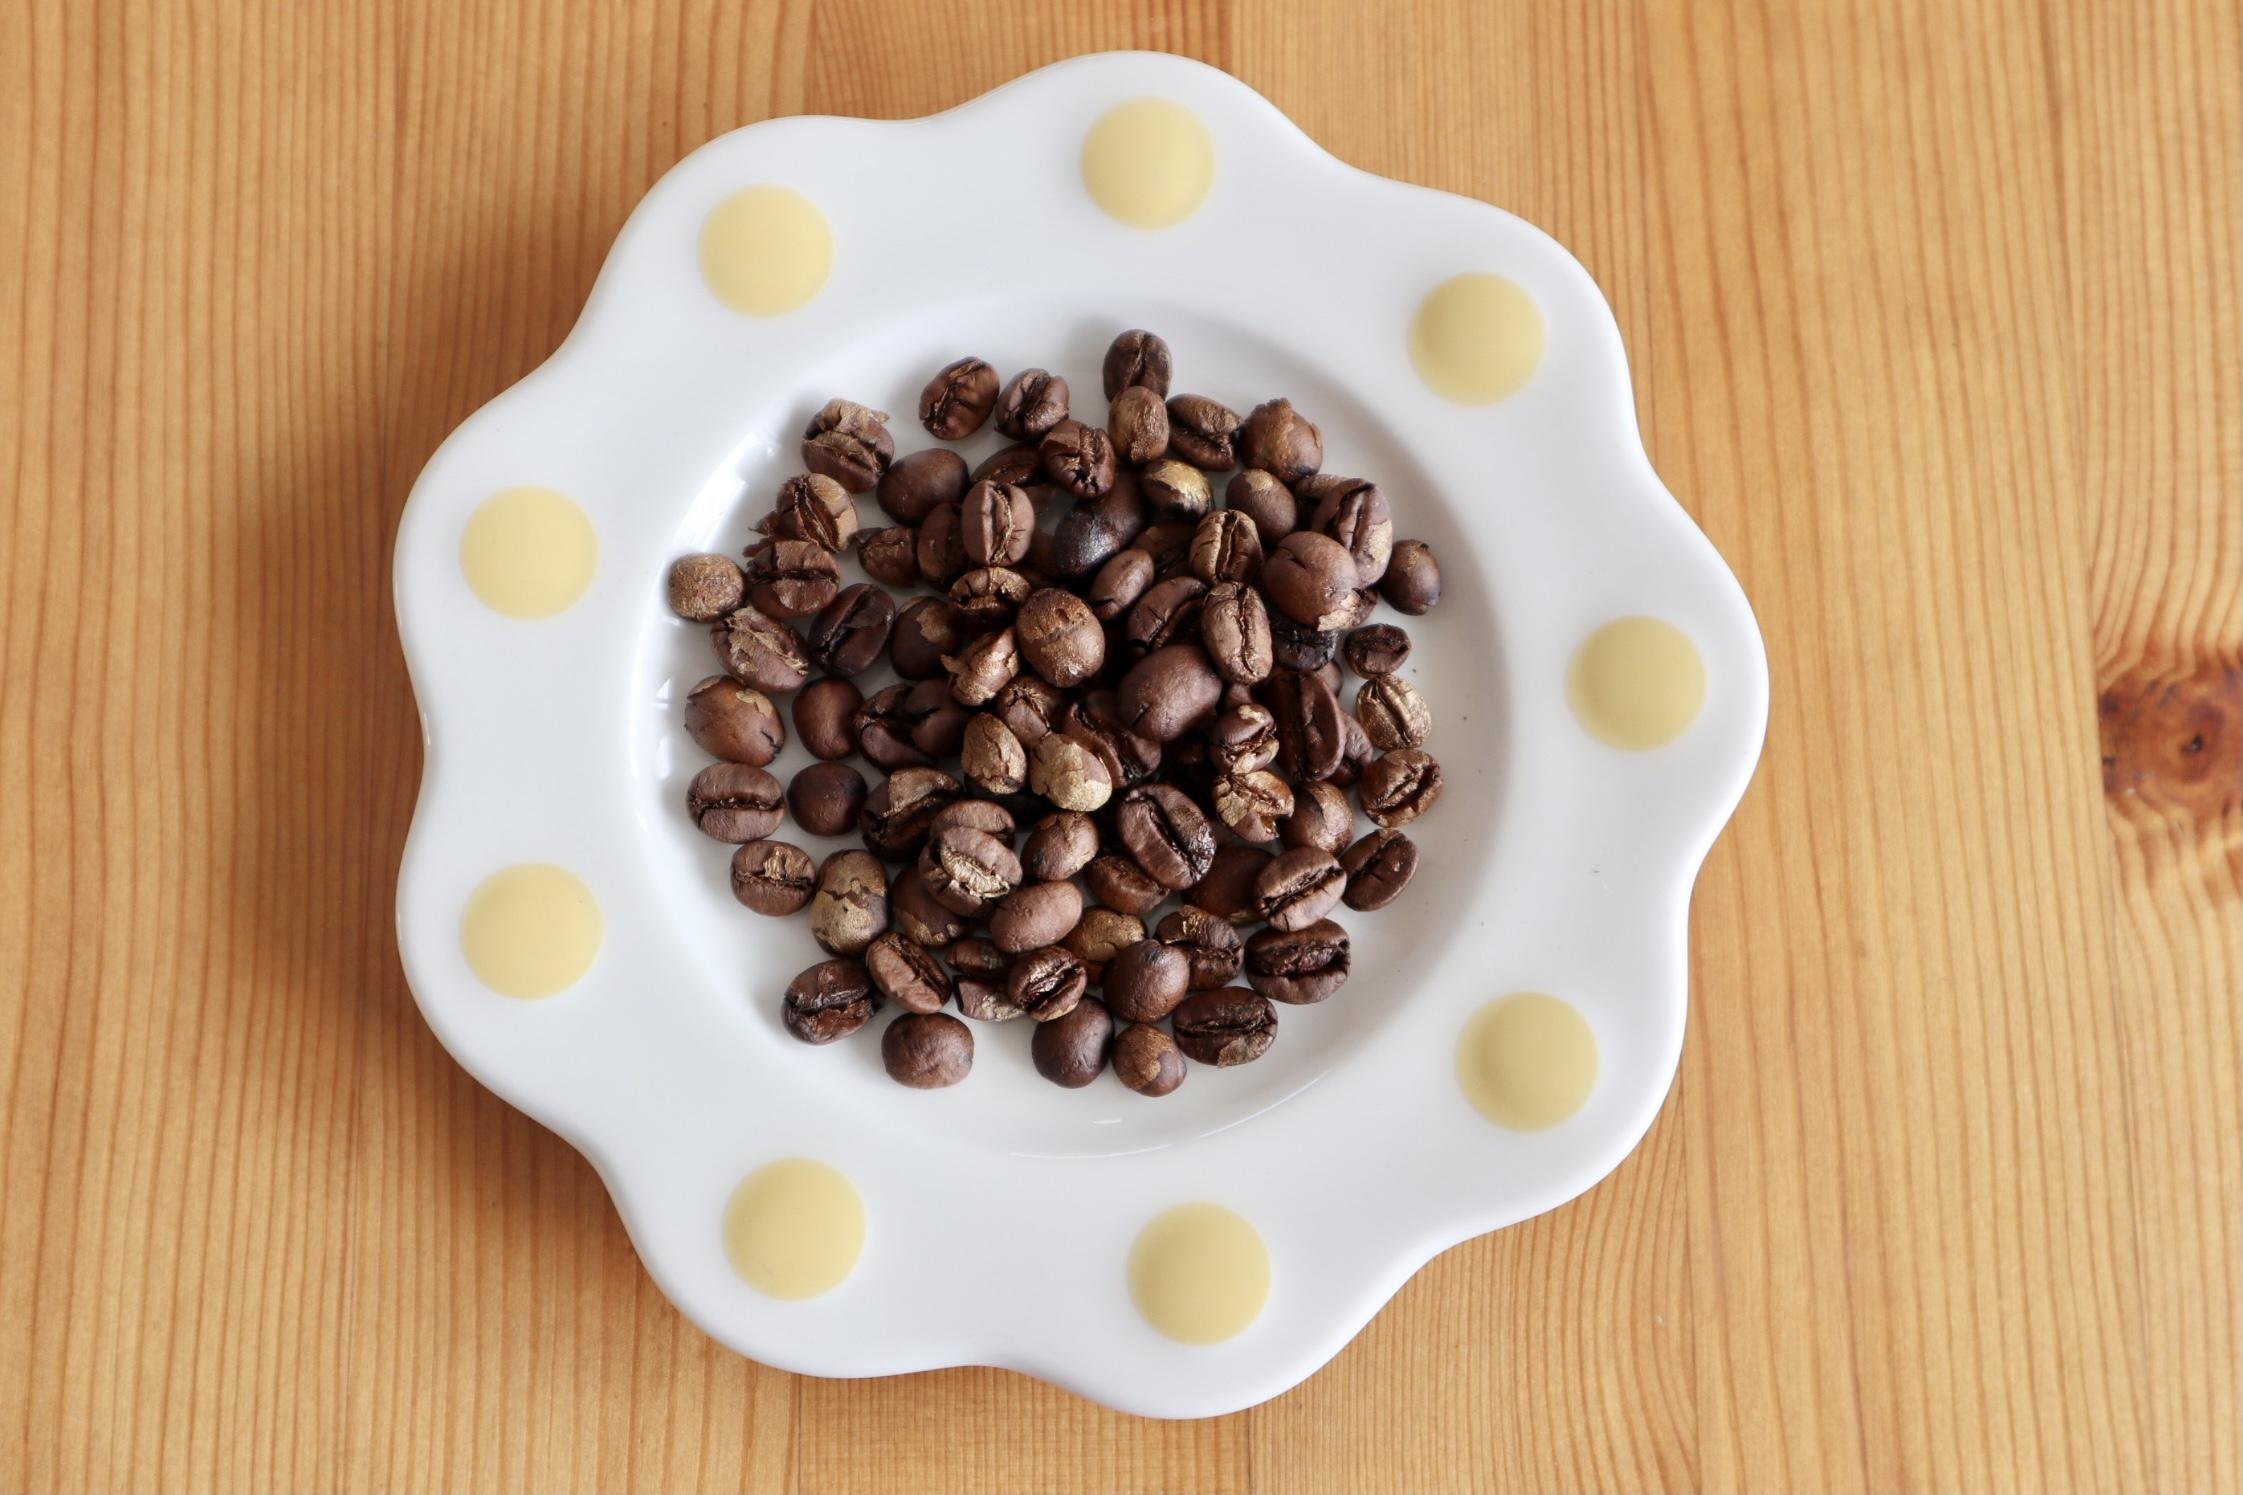 東京ボニンアイランド(小笠原父島)コーヒー ドリップパック1個